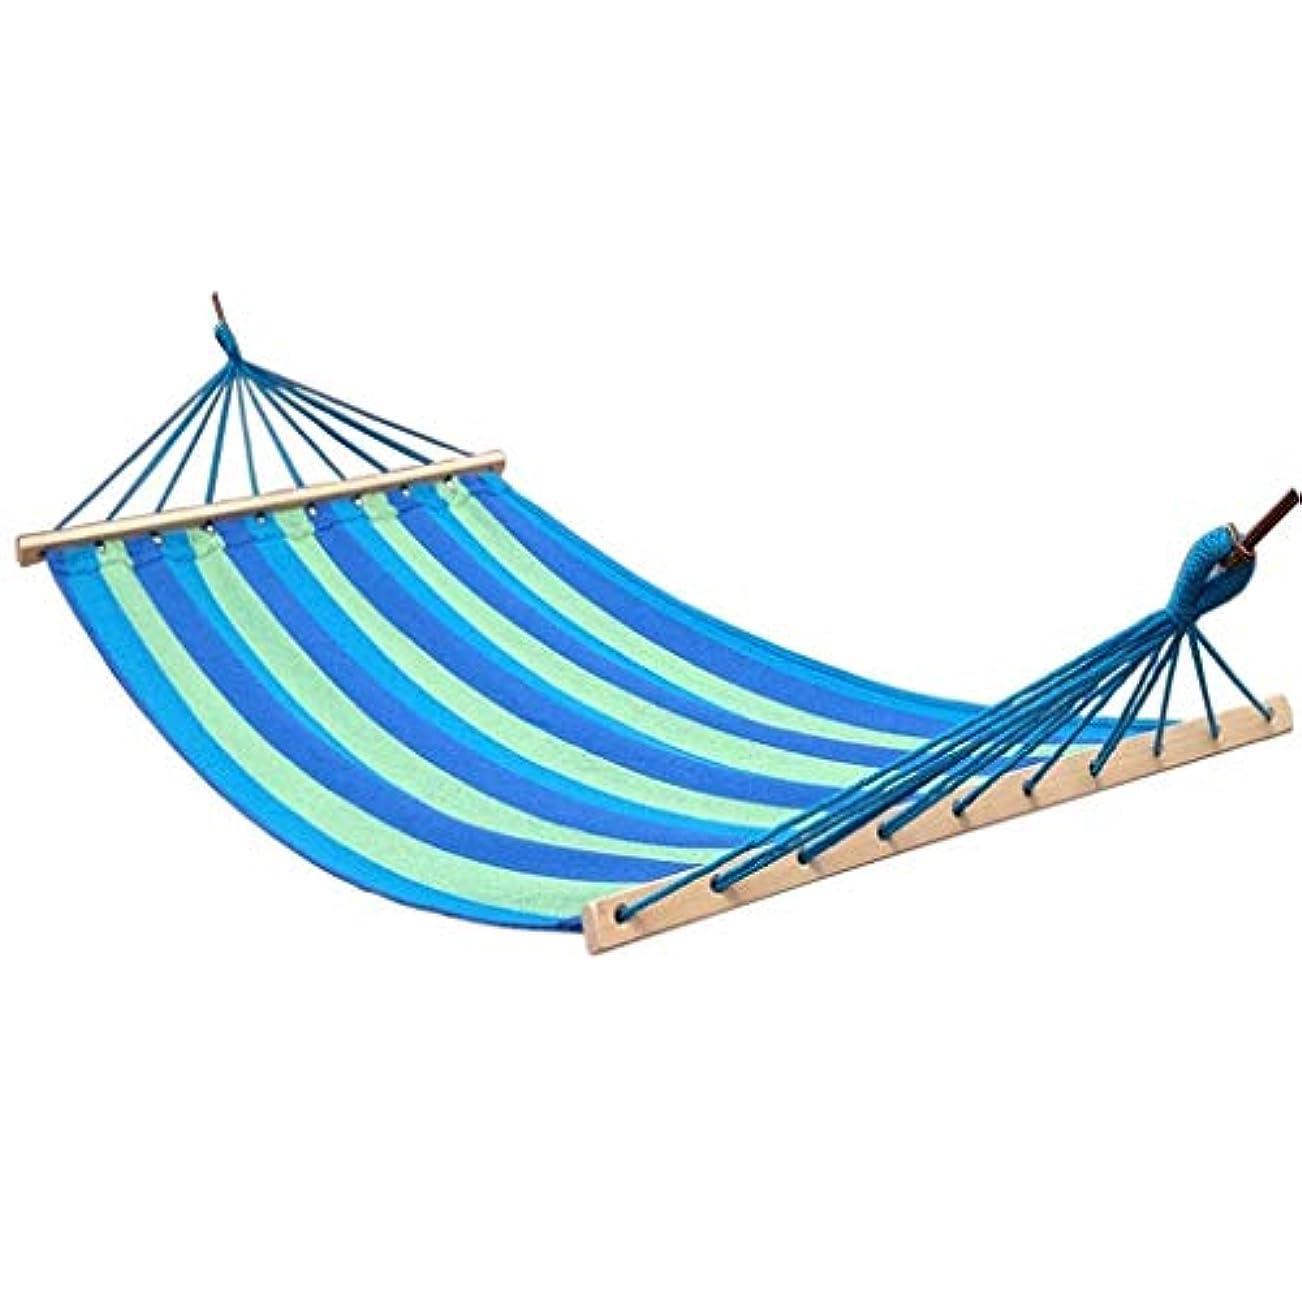 容器カポック現象MSchunou 2人綿生地キャンバス旅行ハンモック超軽量キャンプハンモックポータブルビーチスイングベッド付き広葉樹スプレッダーバーベッド